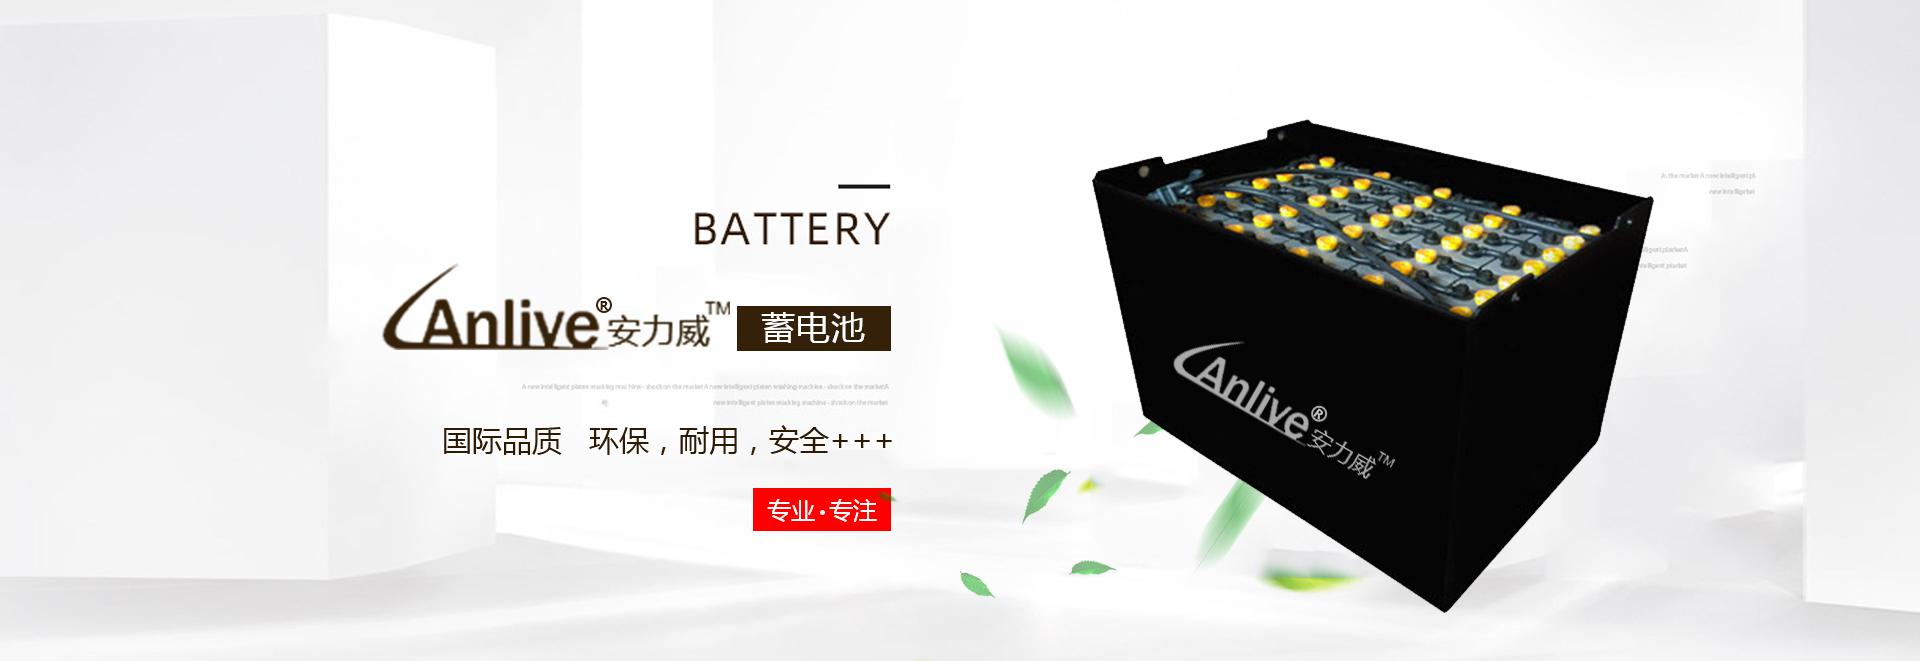 动力蓄电池